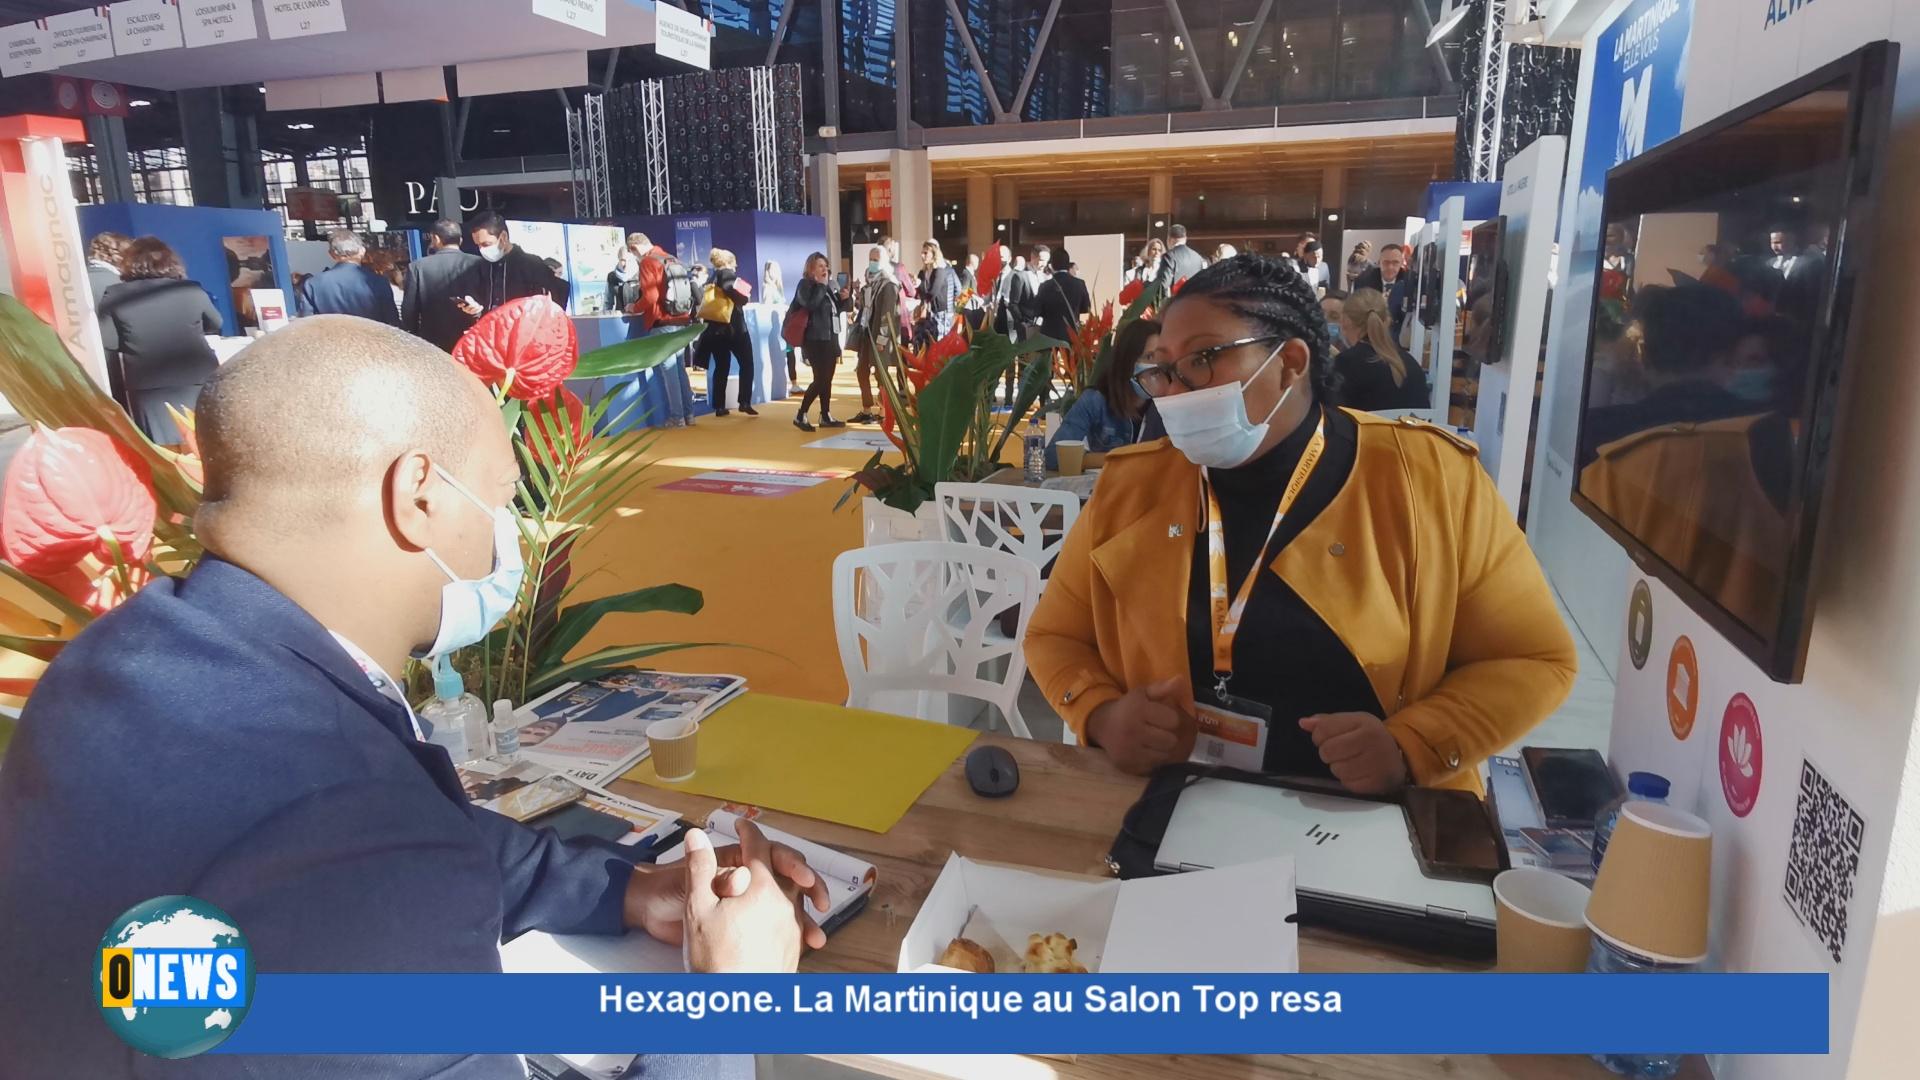 [Vidéo] Hexagone. Onews sur le stand Martinique au Top resa